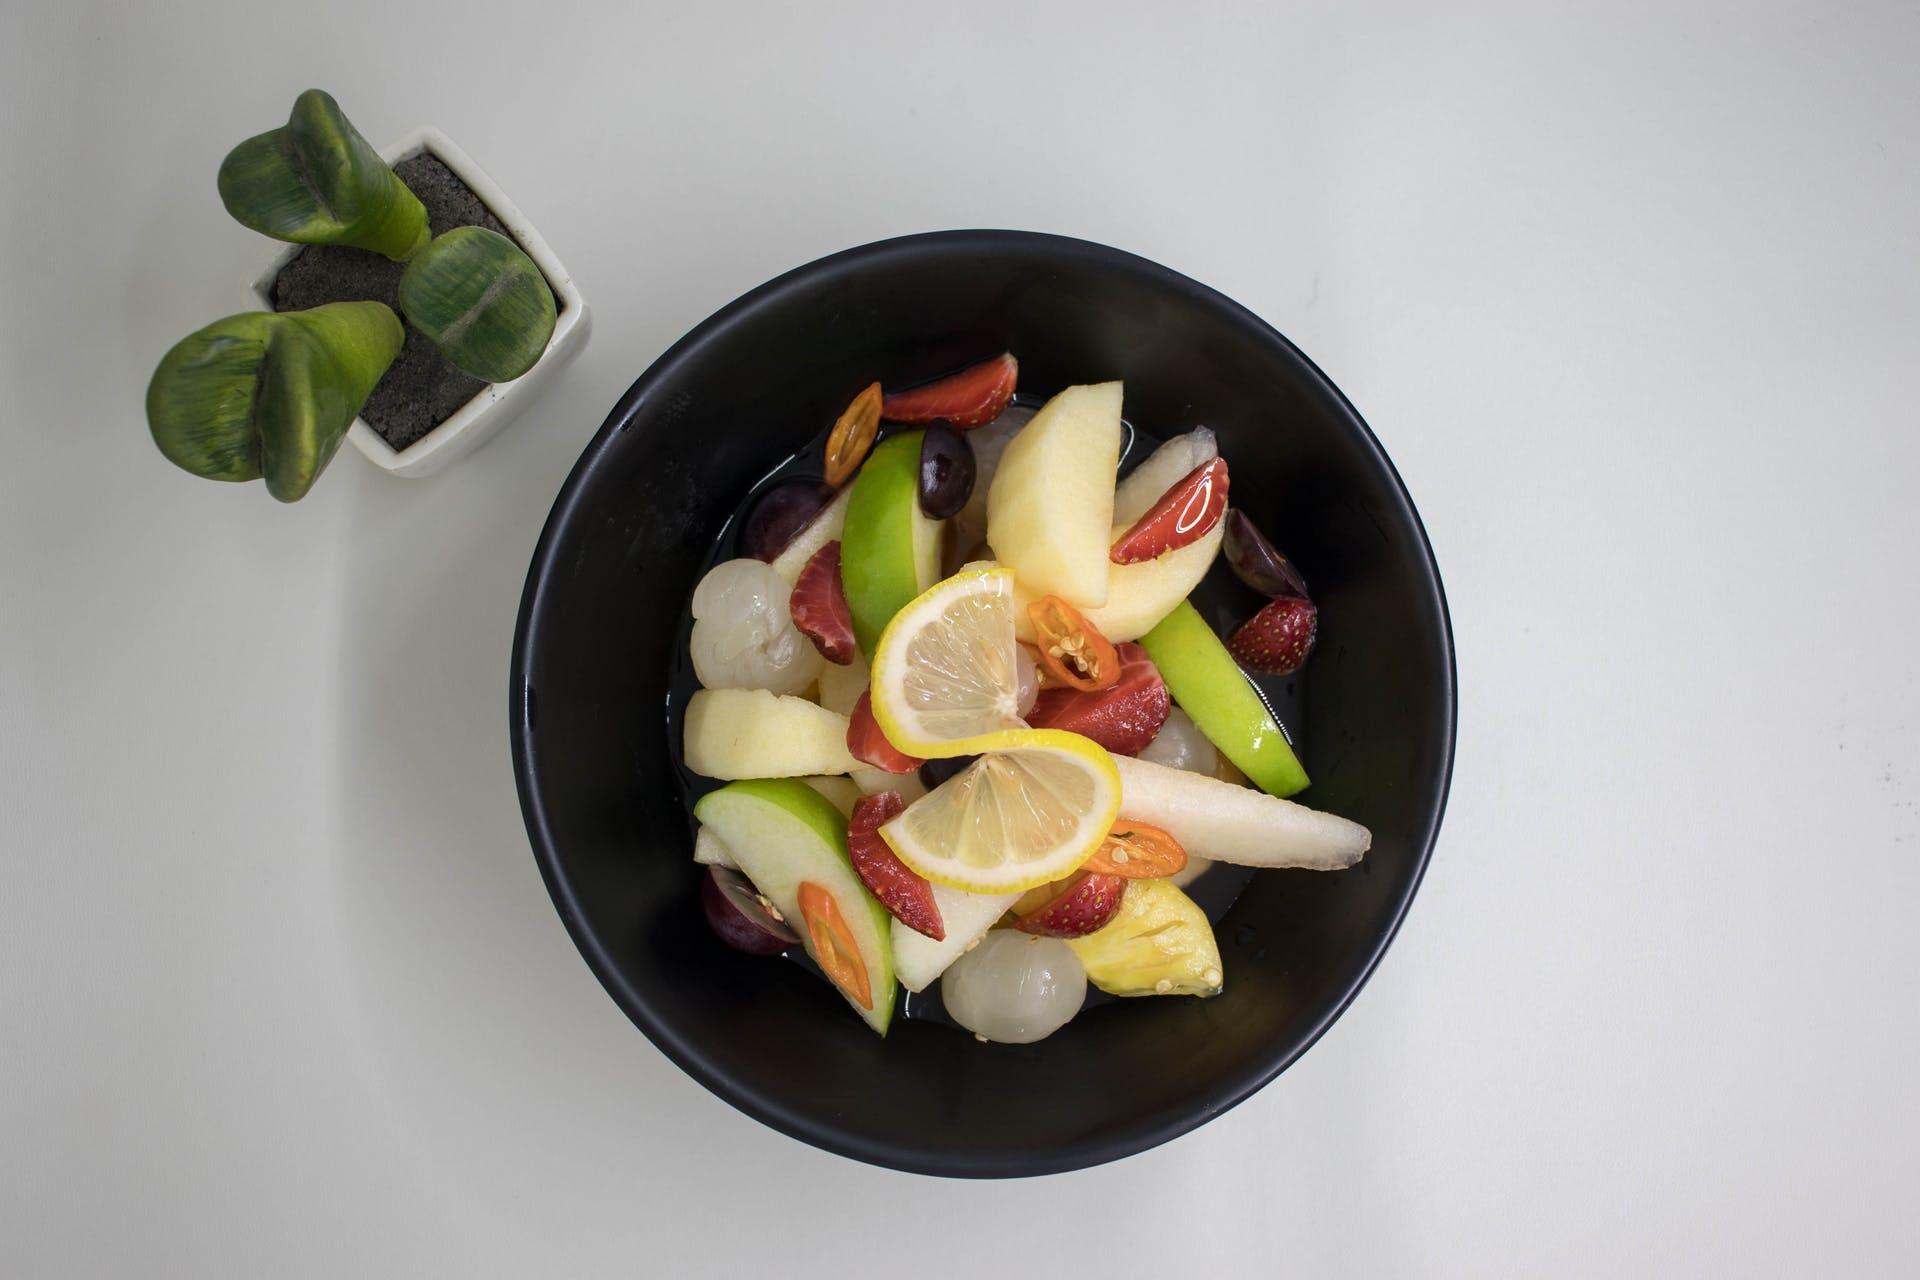 candied fruit fruits bowl of fruit fruit manisan buah manisan